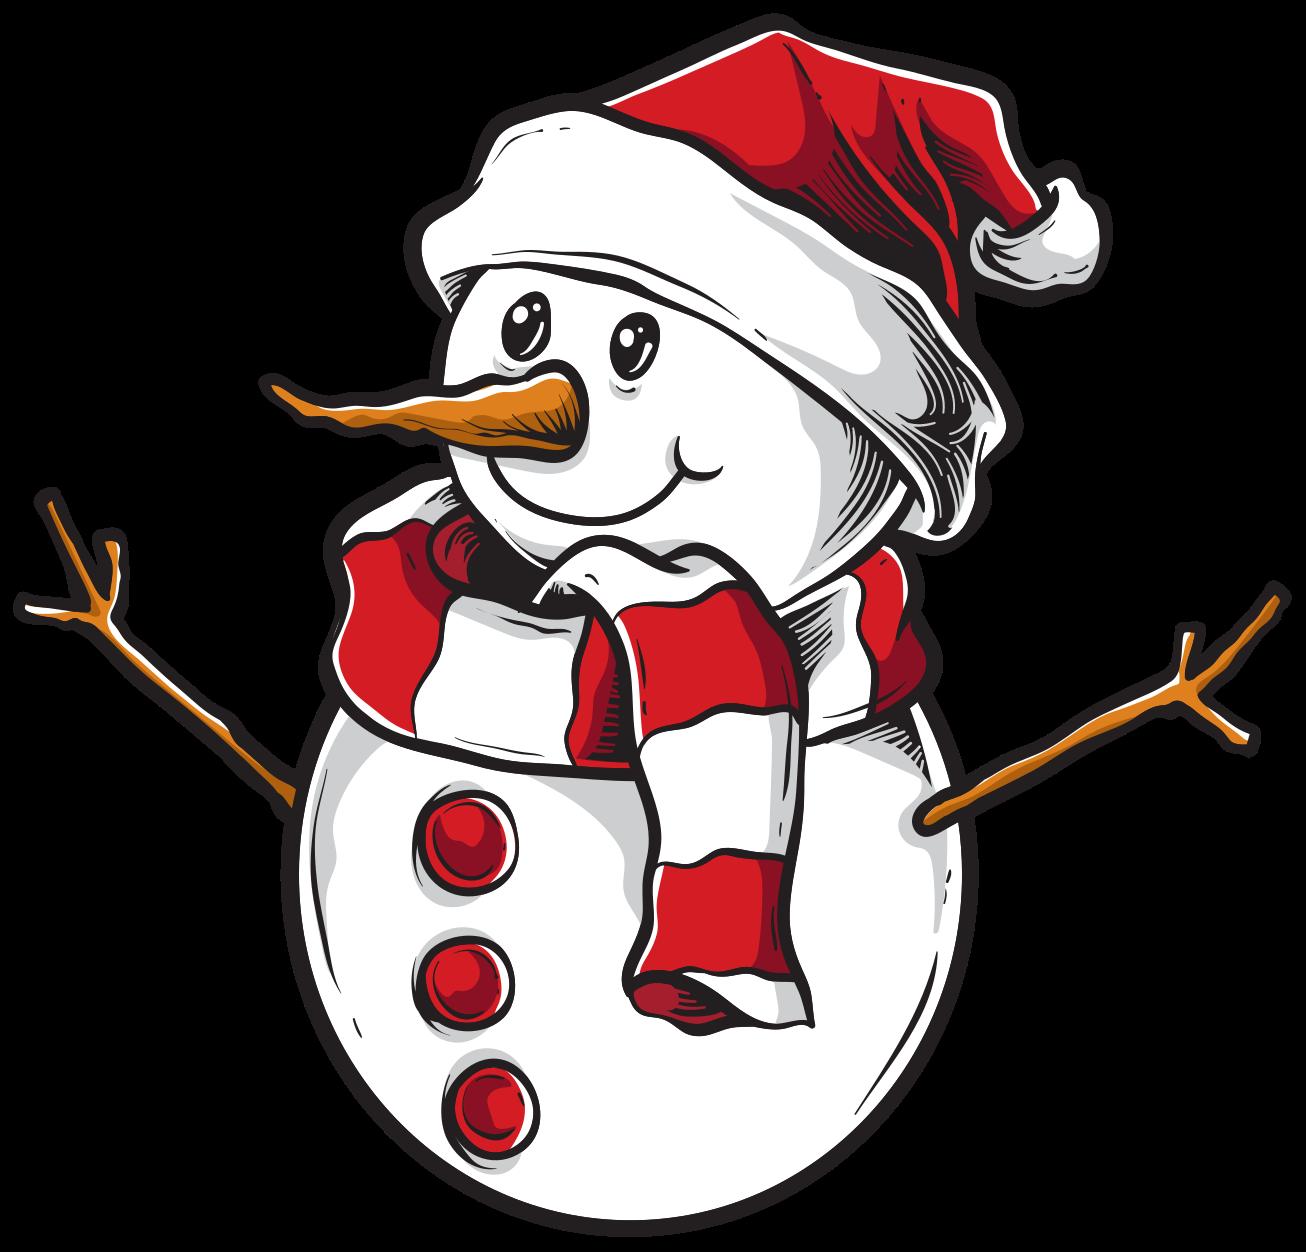 TenVinilo. Pegatina navidad muñeco de nieve de Papá Noel. Pegatina navideña de muñeco de nieve de aspecto feliz hecho de alta calidad y fácil de aplicar. Elige el tamaño ¡Envío a domicilio!